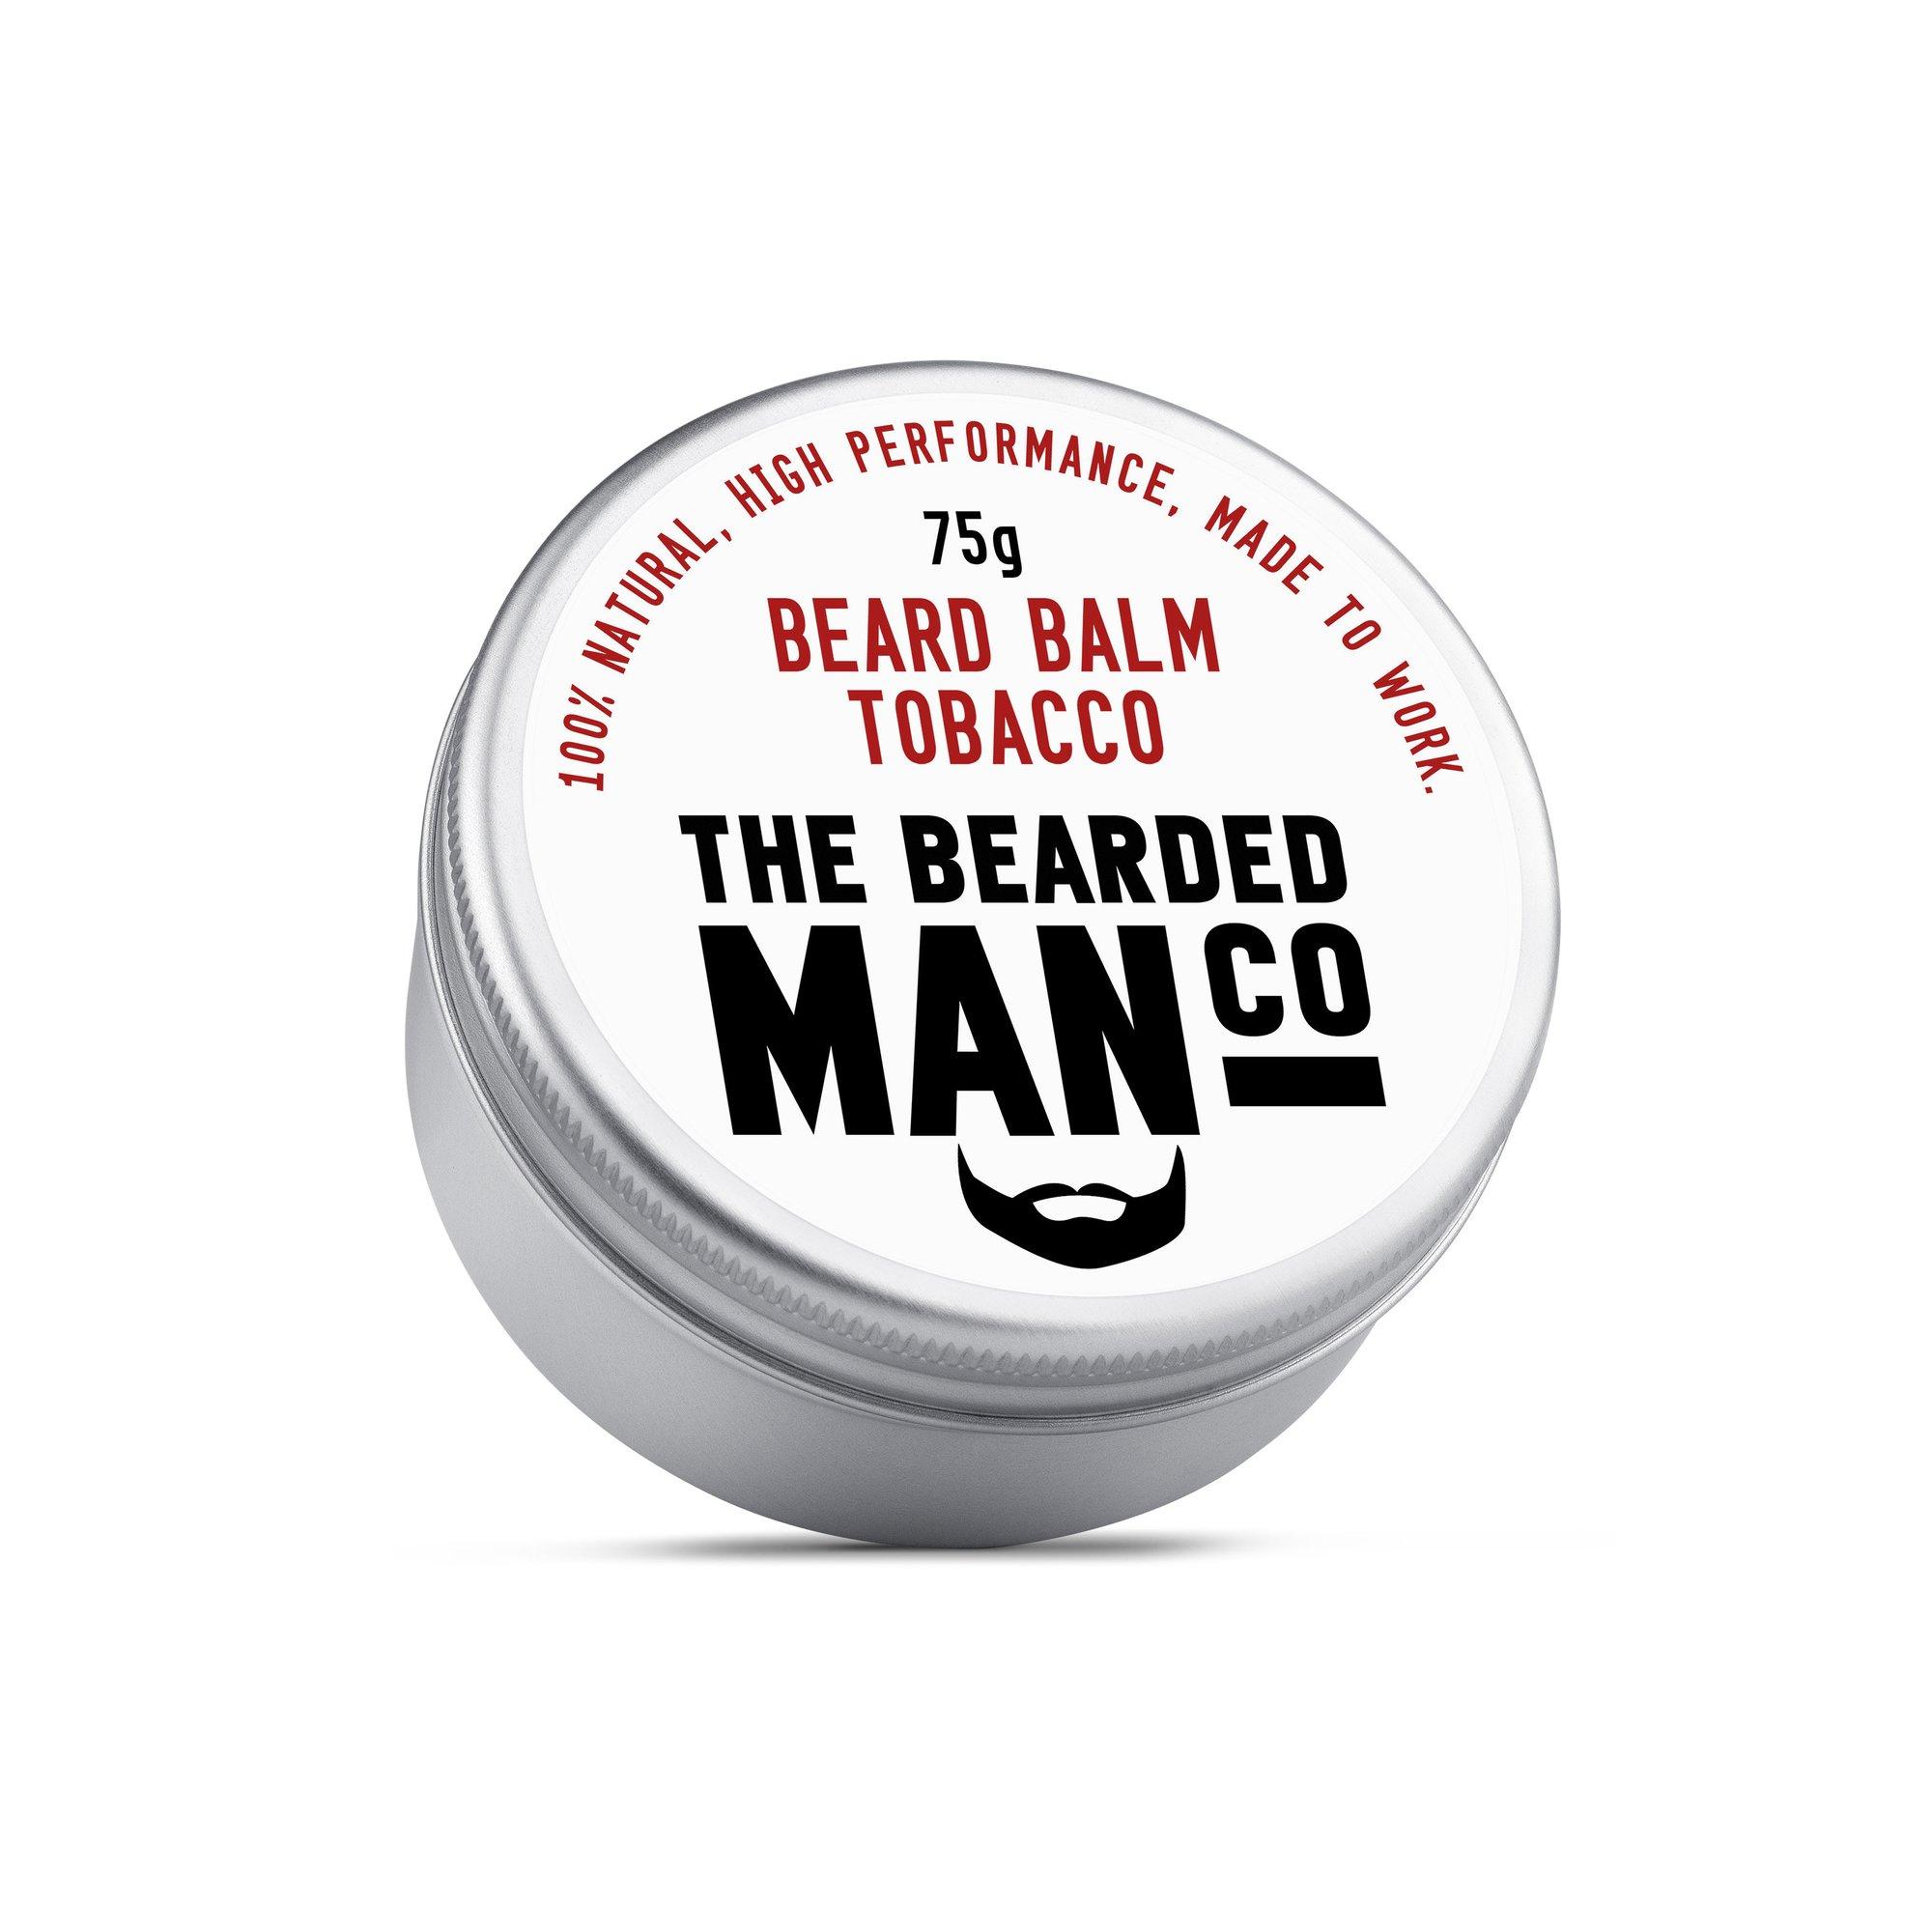 Bearded Man Co - Balsam do brody Tytoń - Tobacco 30g (1)